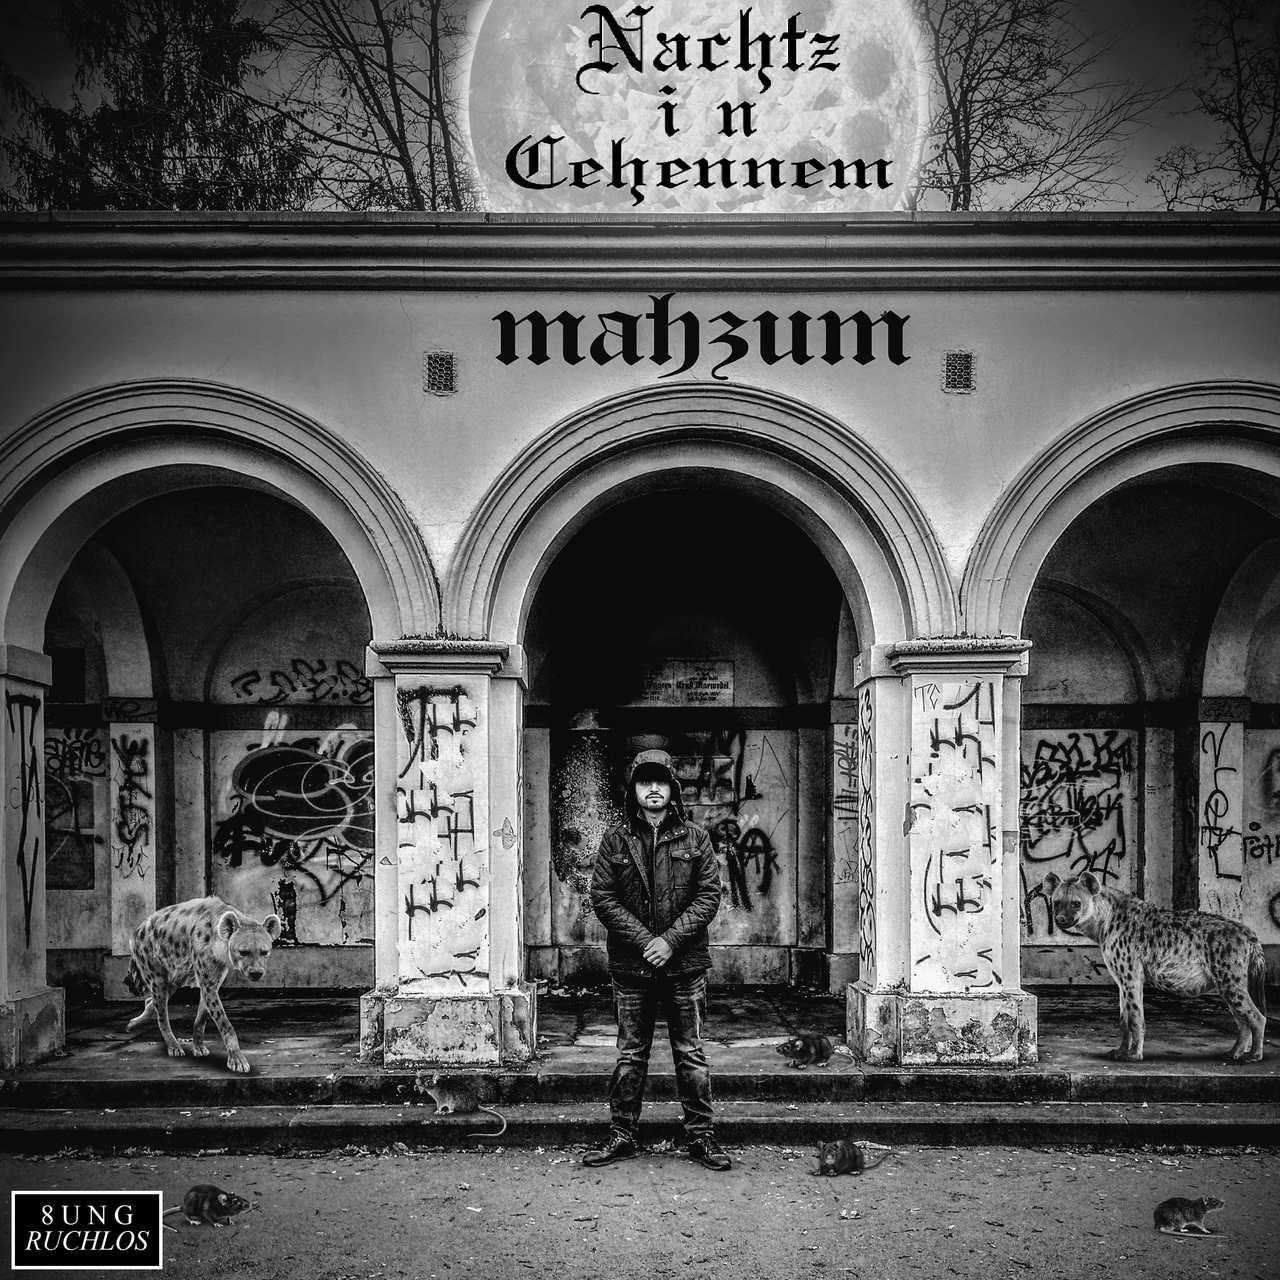 Upcoming: mahzum - N8z In C€hennem